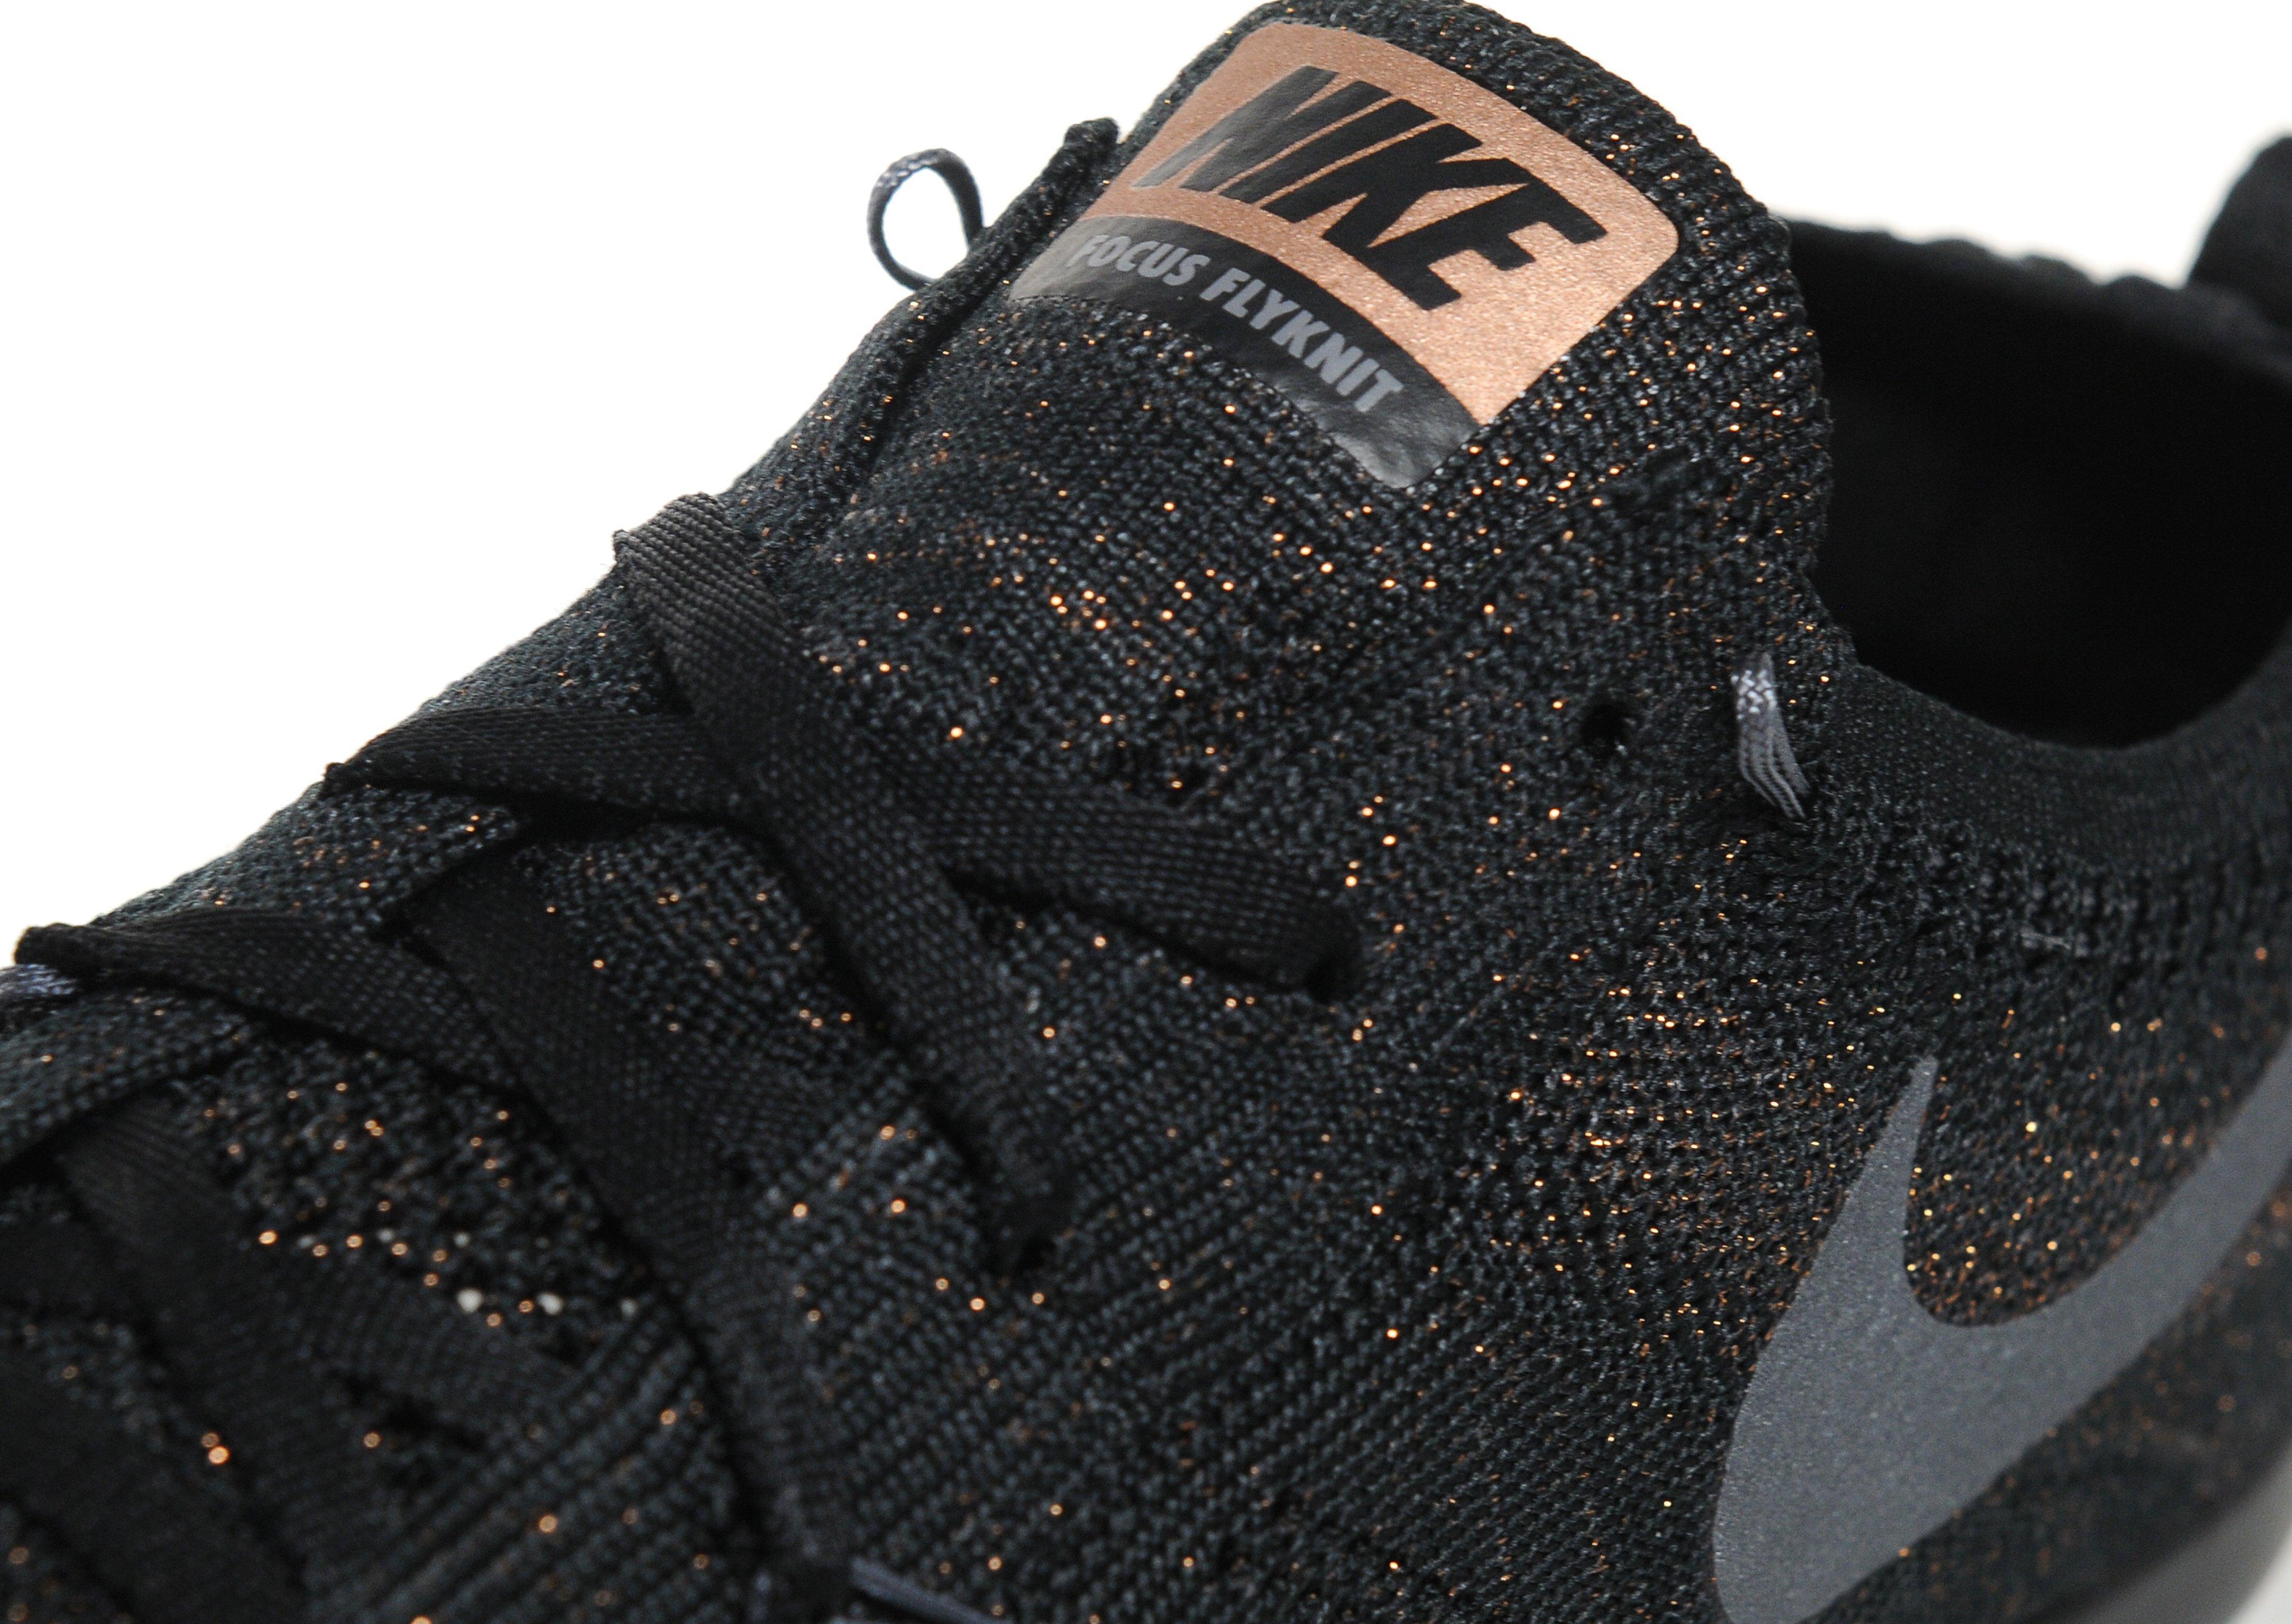 97f9fd128e54 Nike Free Tr Focus Flyknit in Black - Lyst